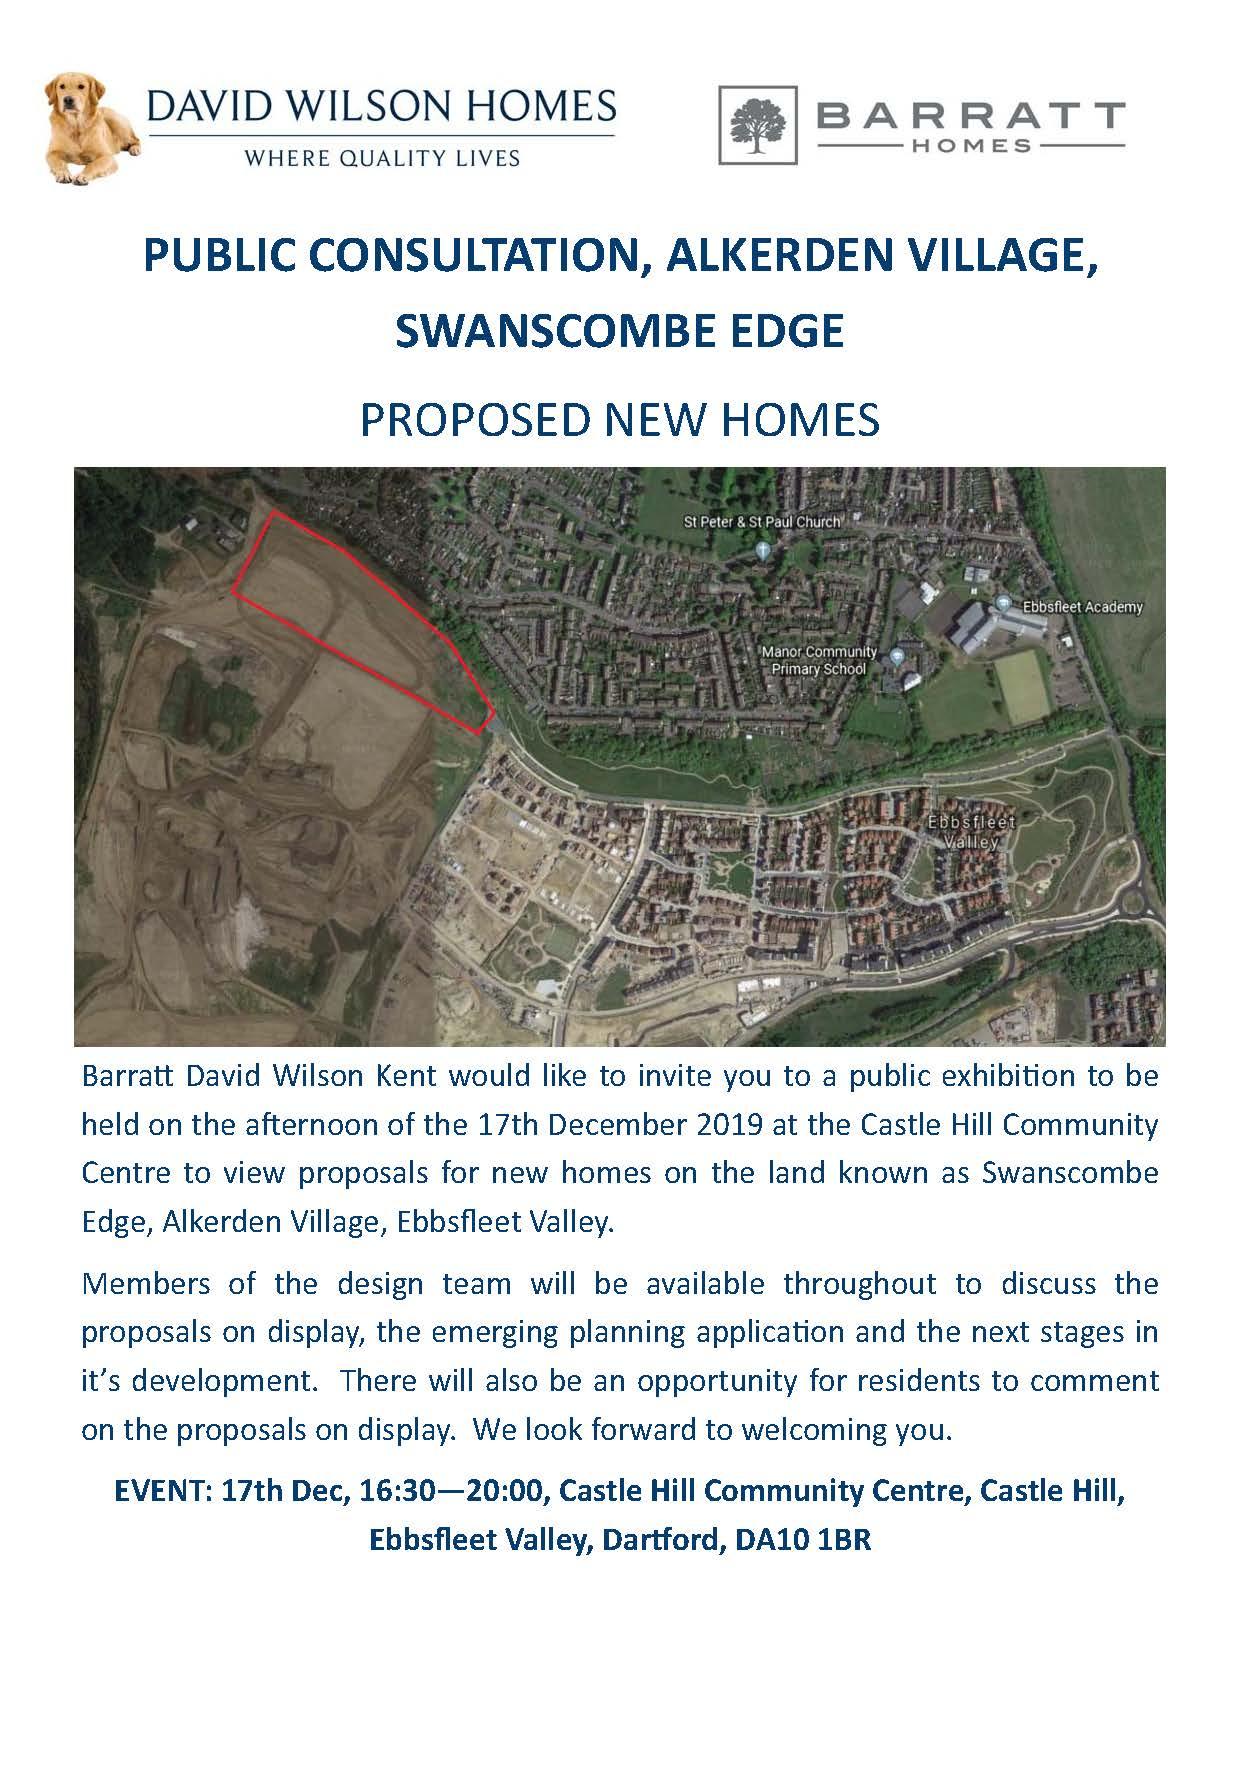 Swanscombe Edge Public Exhibition